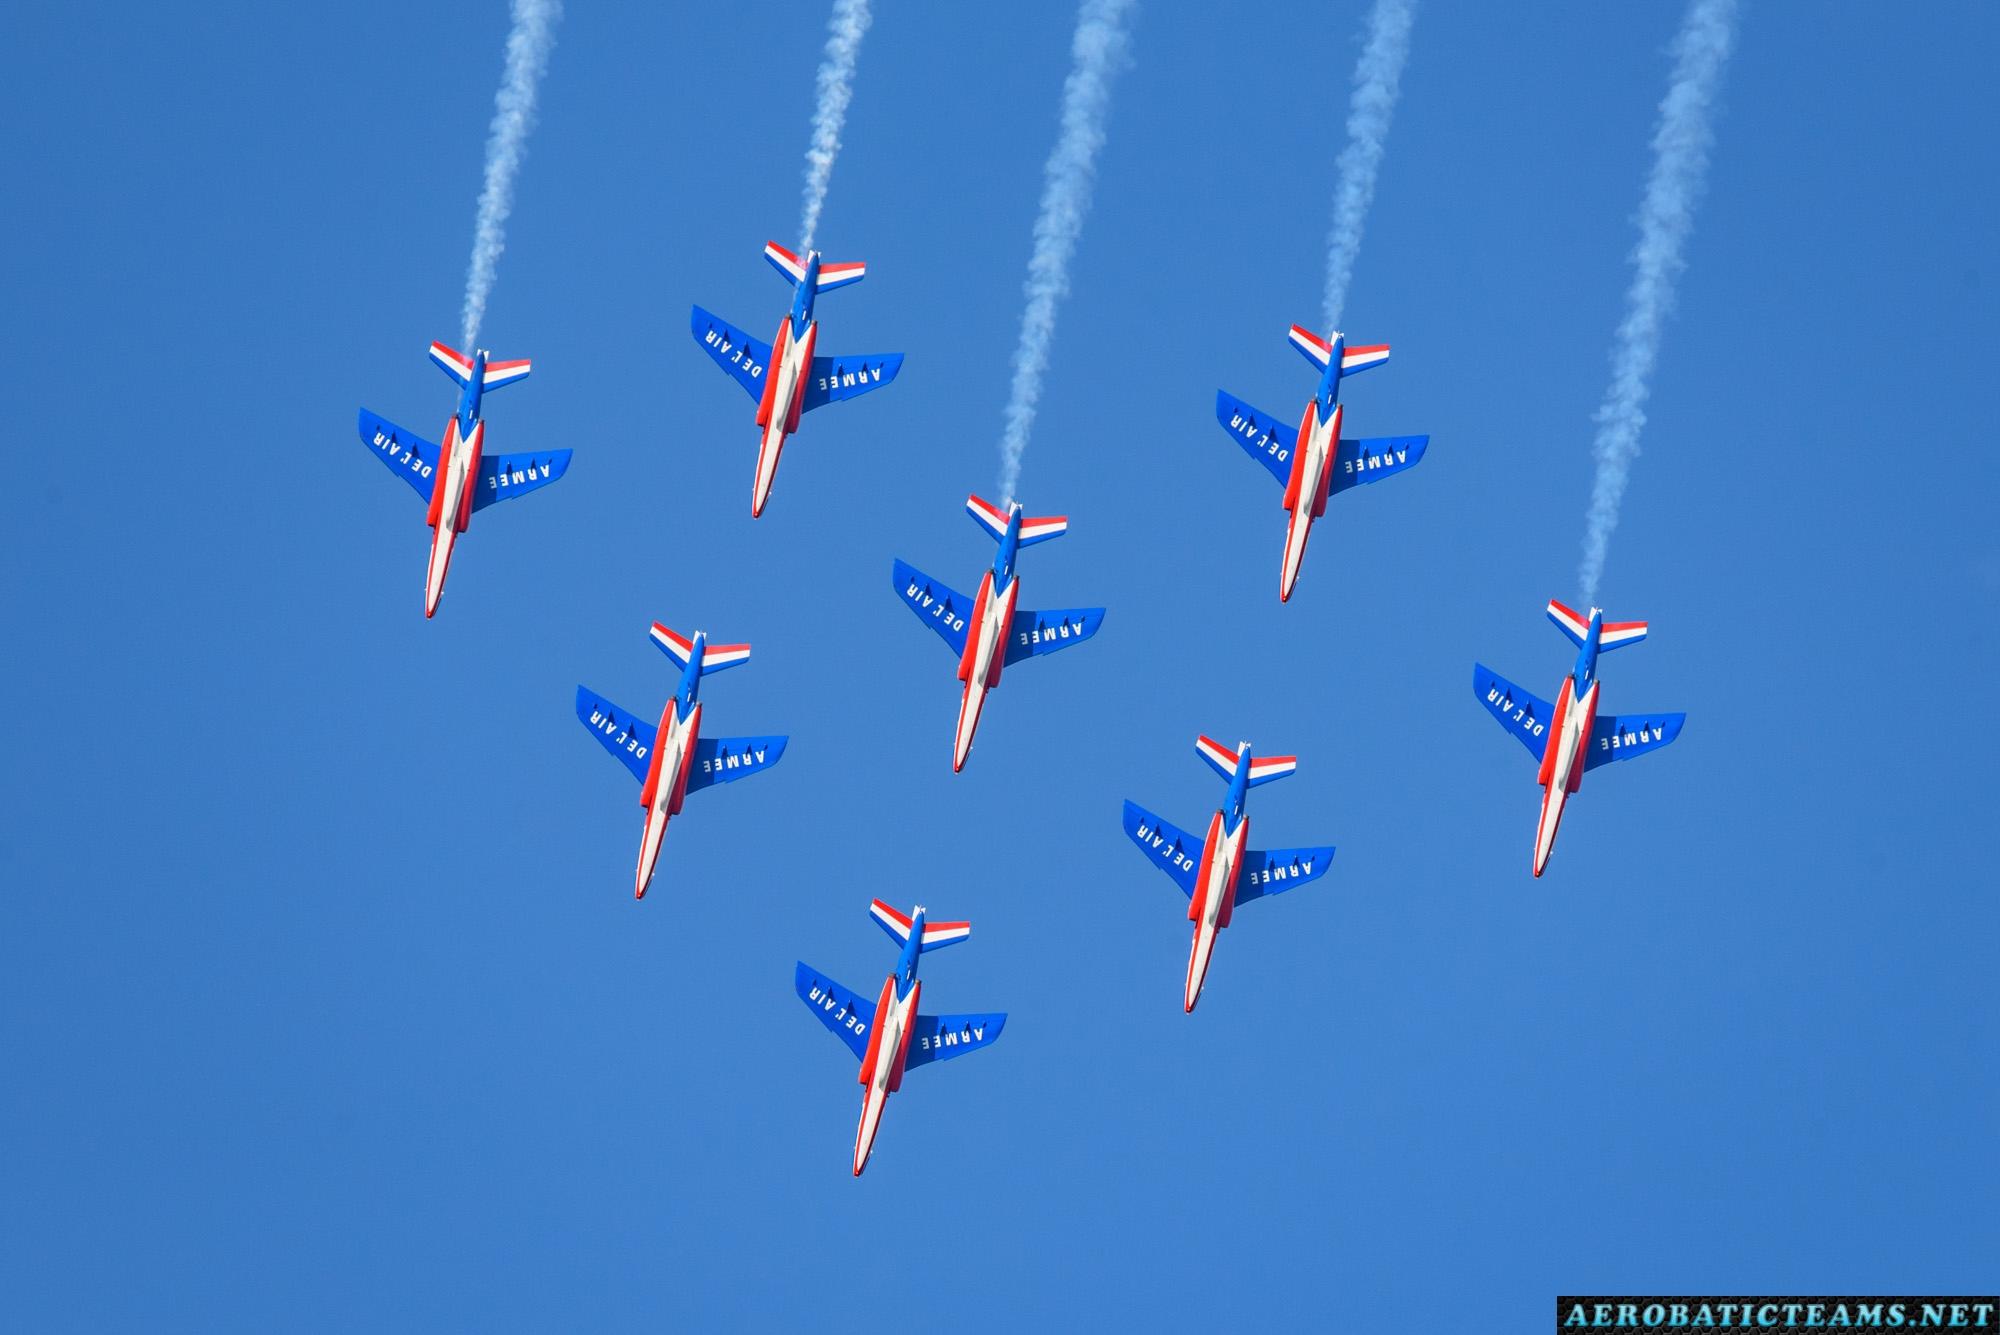 Patrouille de France 2018 Airshow Dates